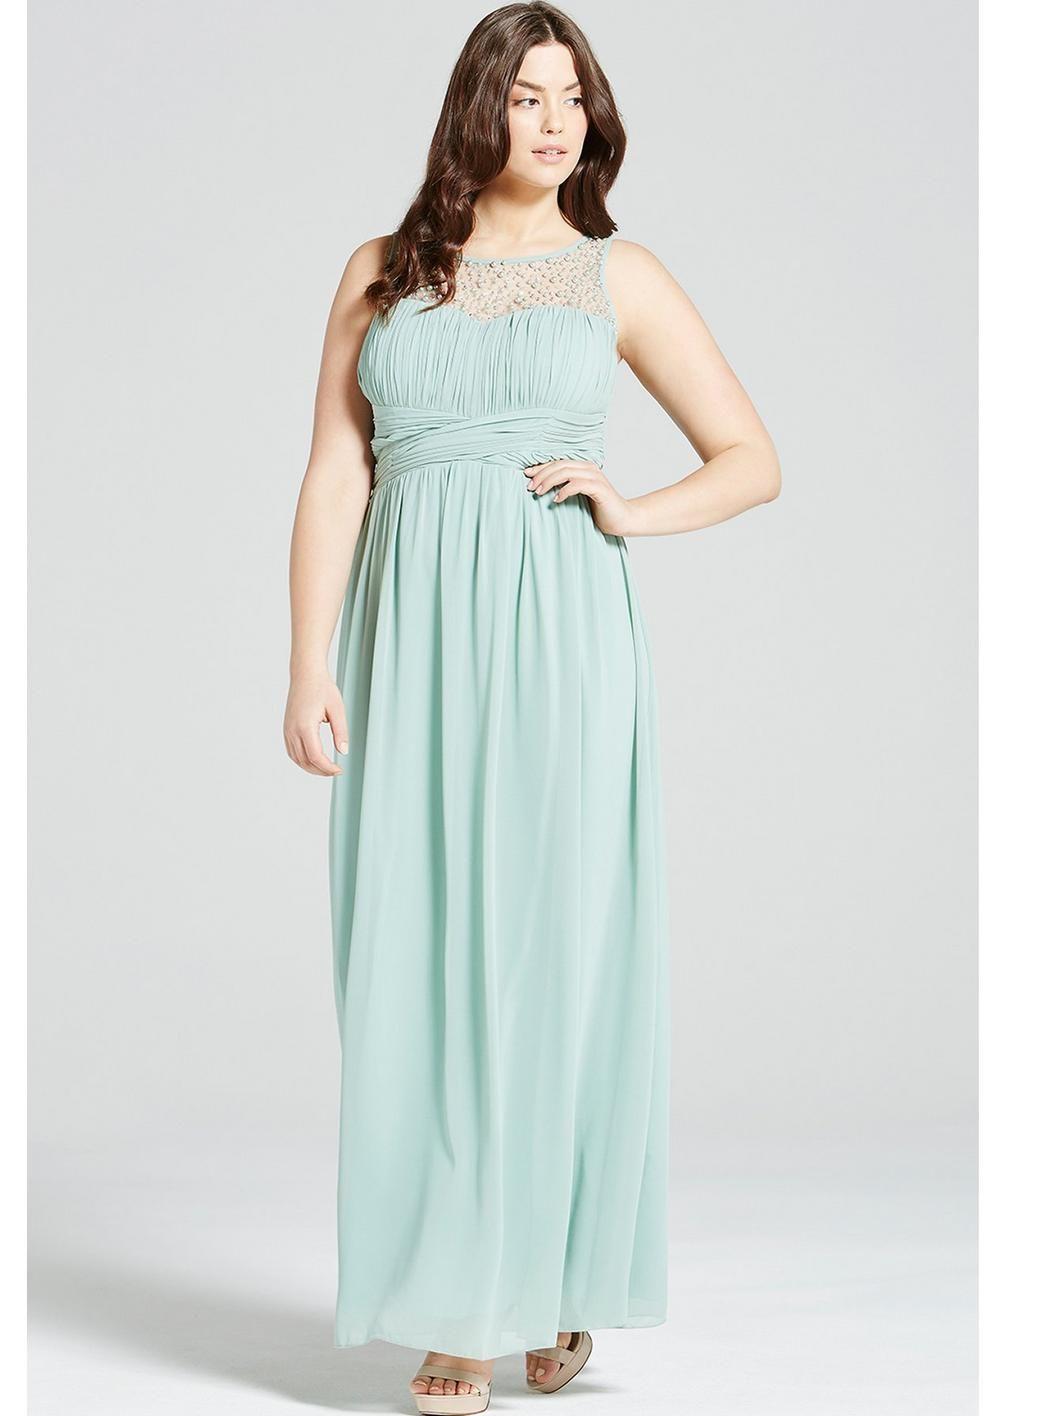 Little Mistress Curve Embellished Maxi Dress - Sage   Sage, Maxi ...